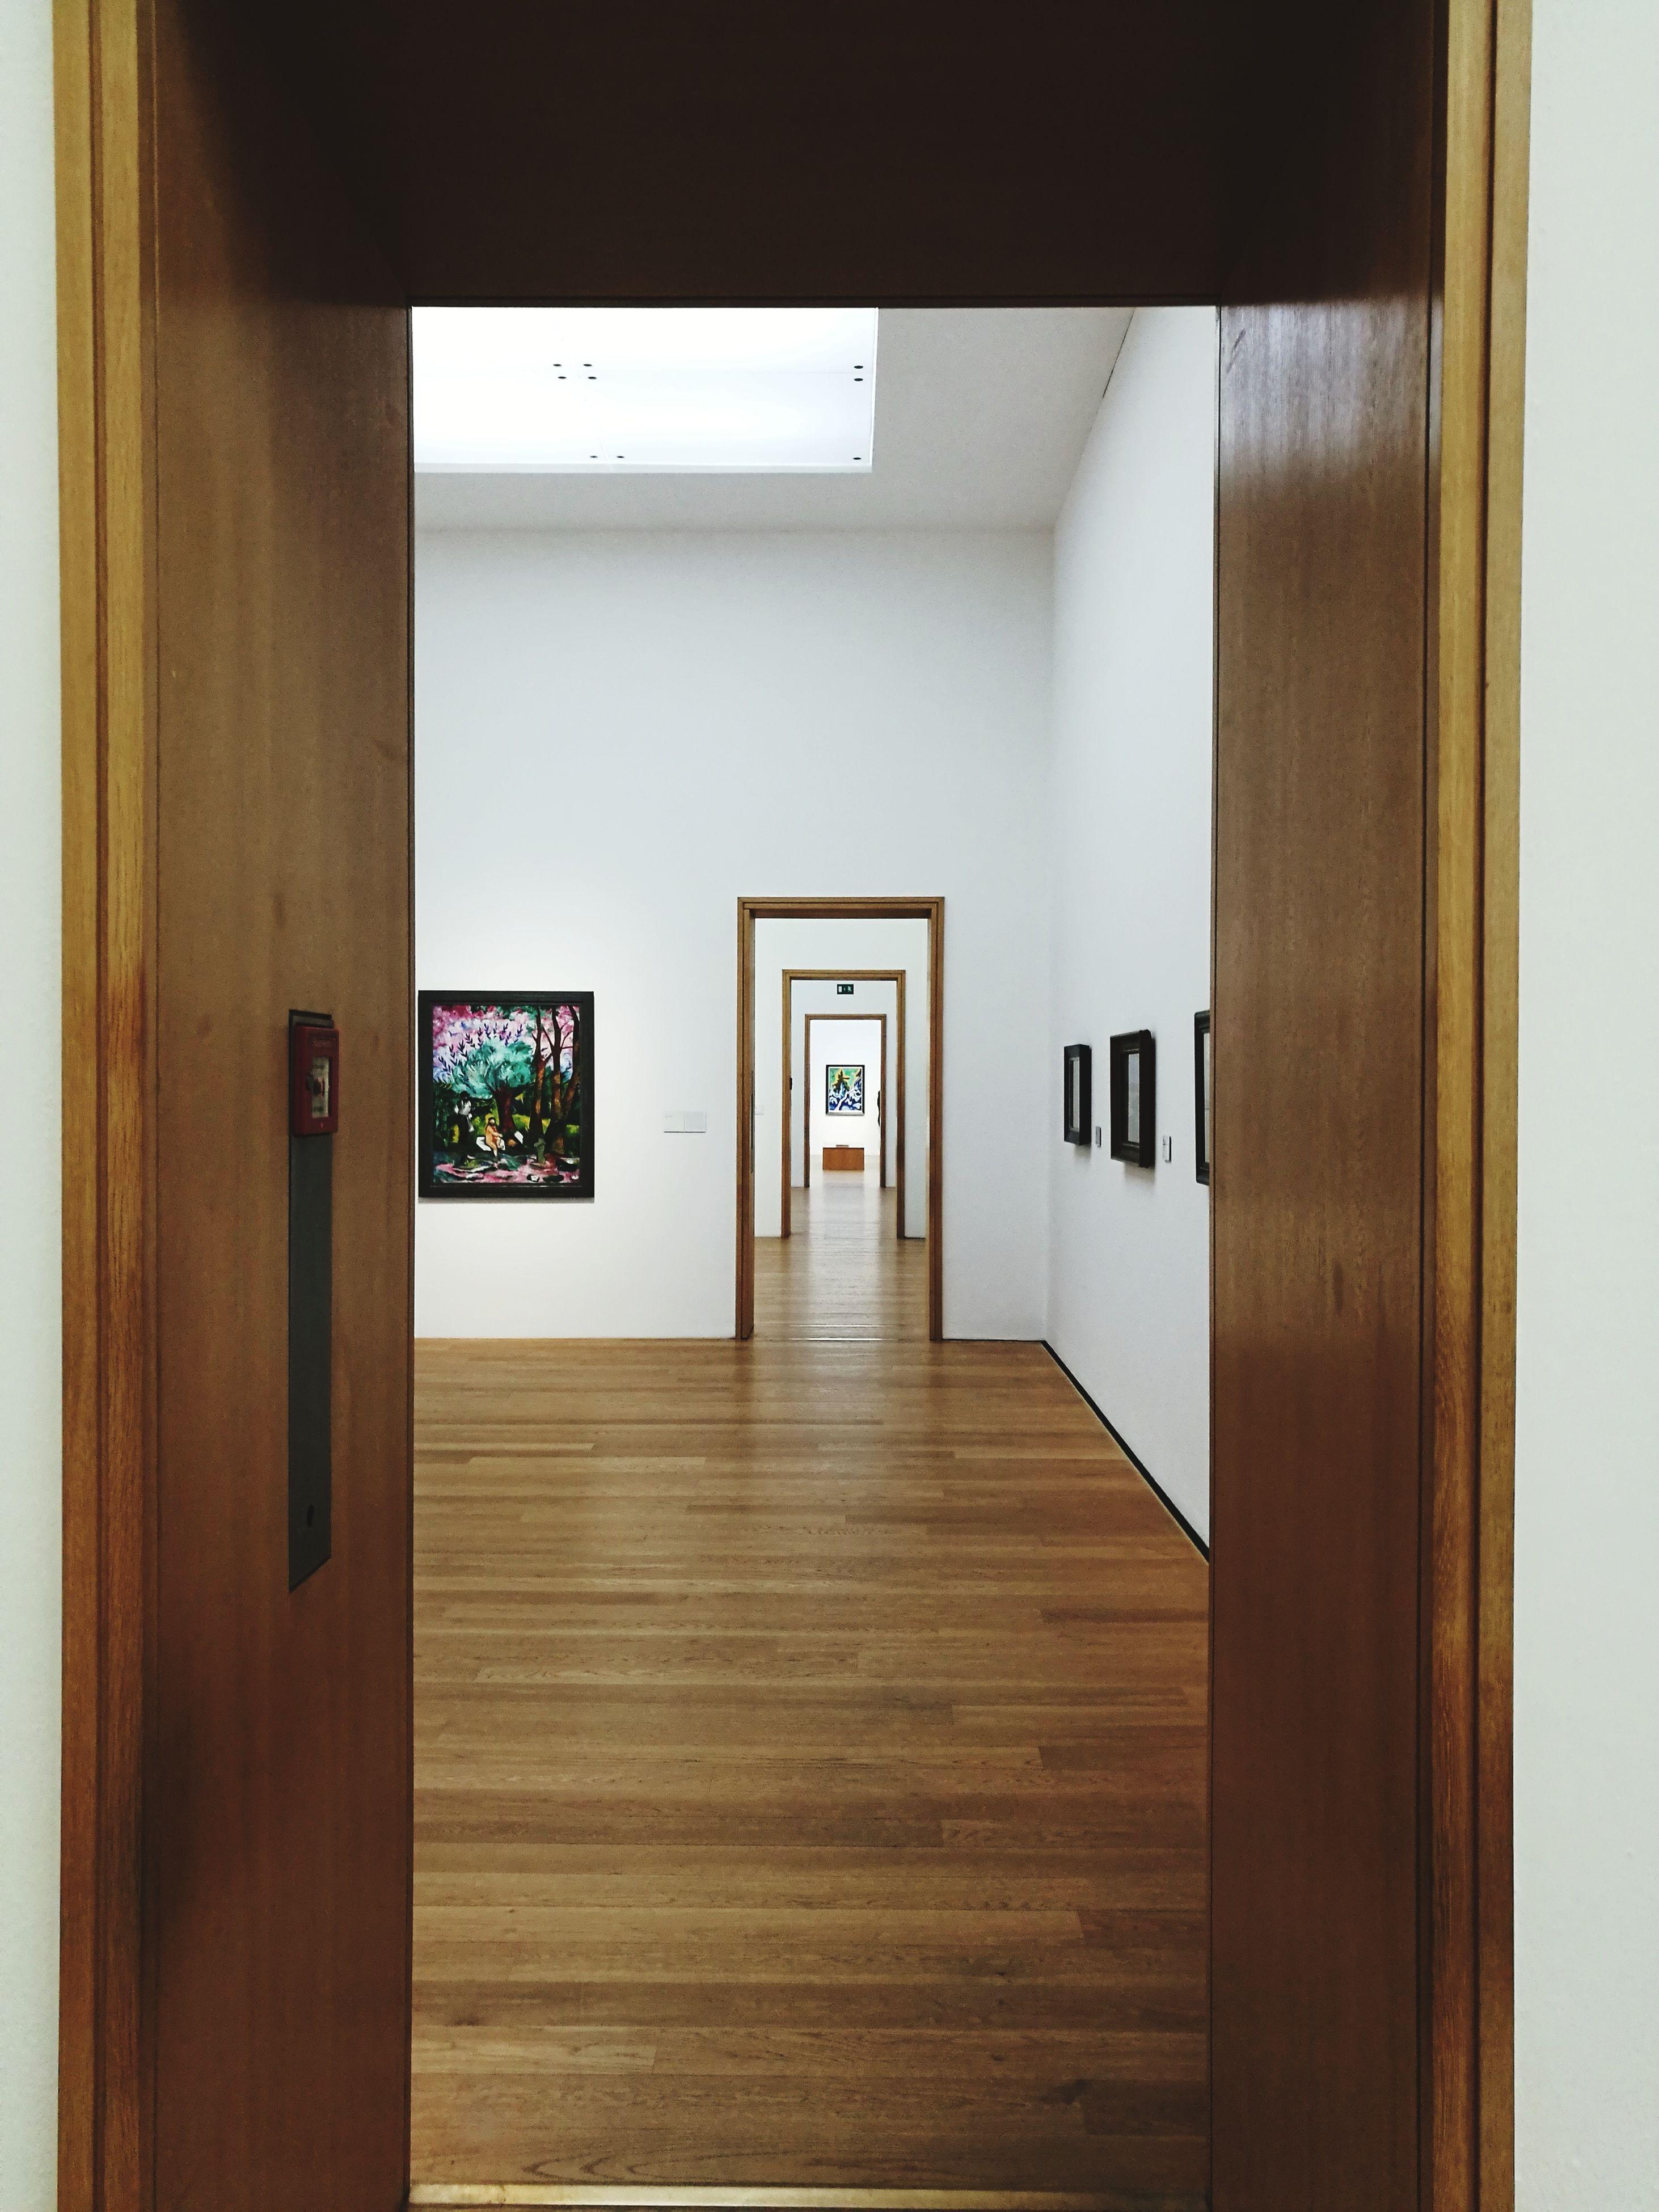 door, indoors, built structure, entrance, no people, architecture, day, open door, exit sign